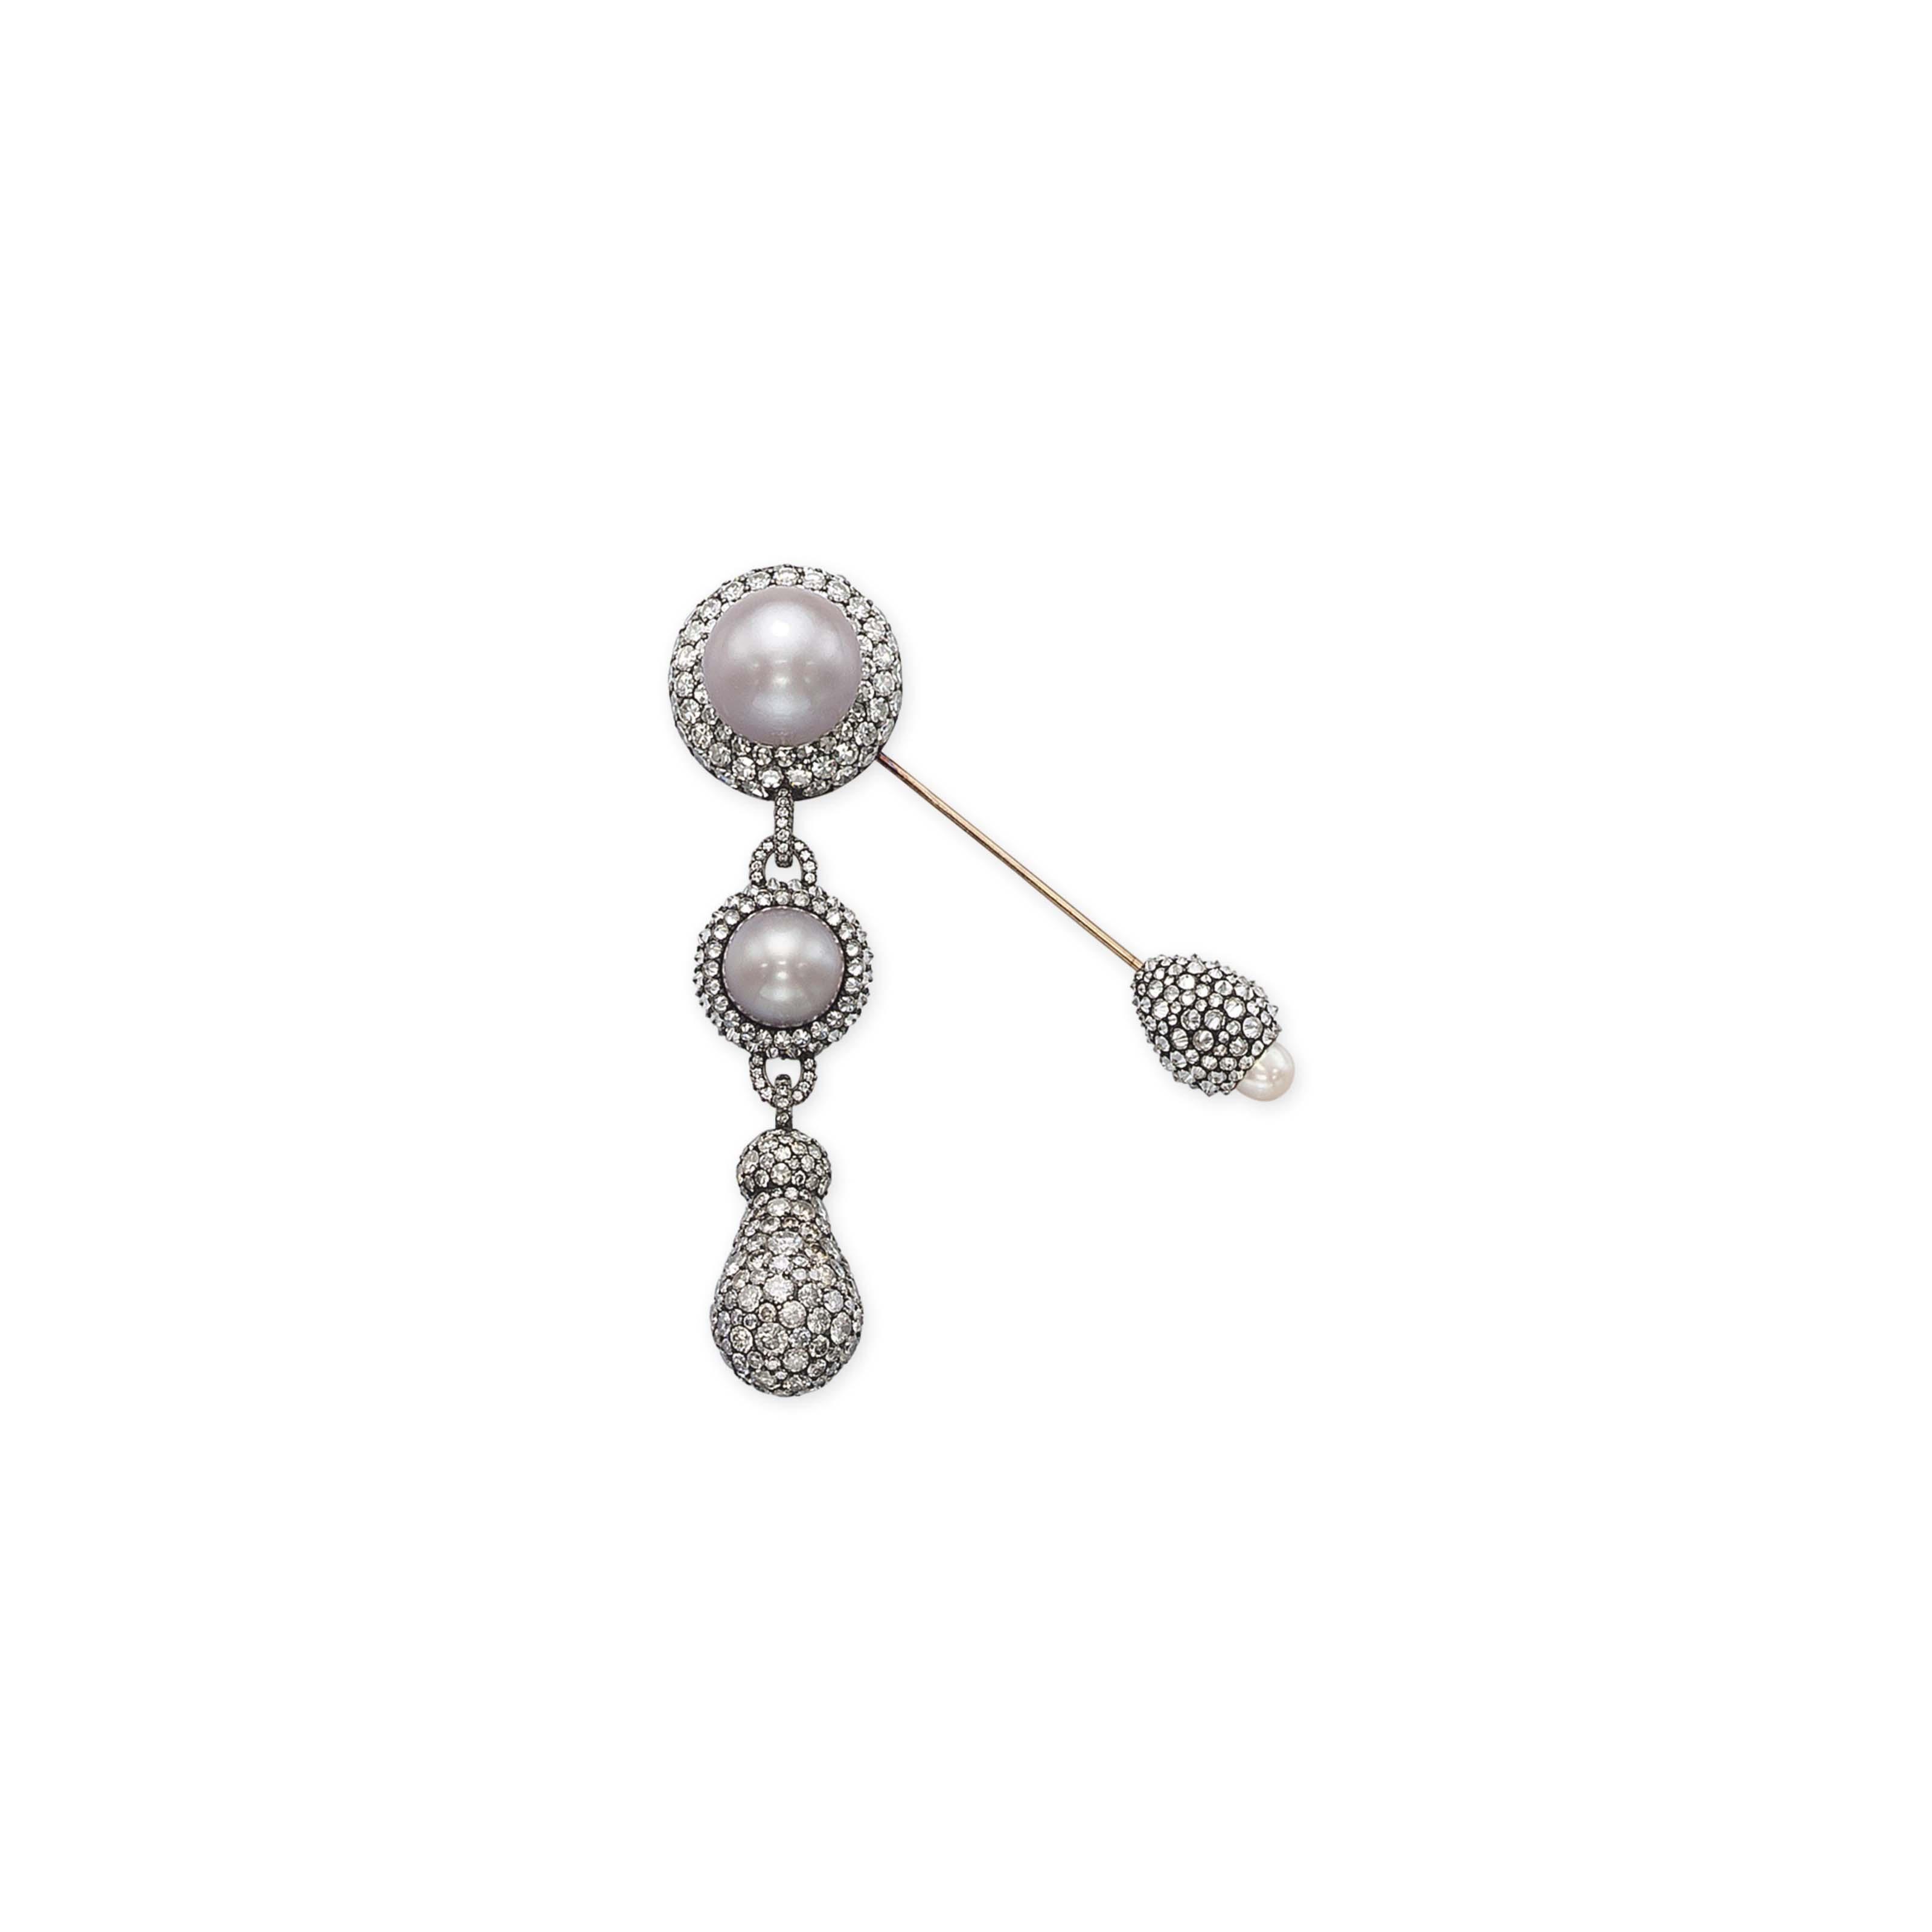 A PEARL AND DIAMOND FIBULA BROOCH, BY JAR